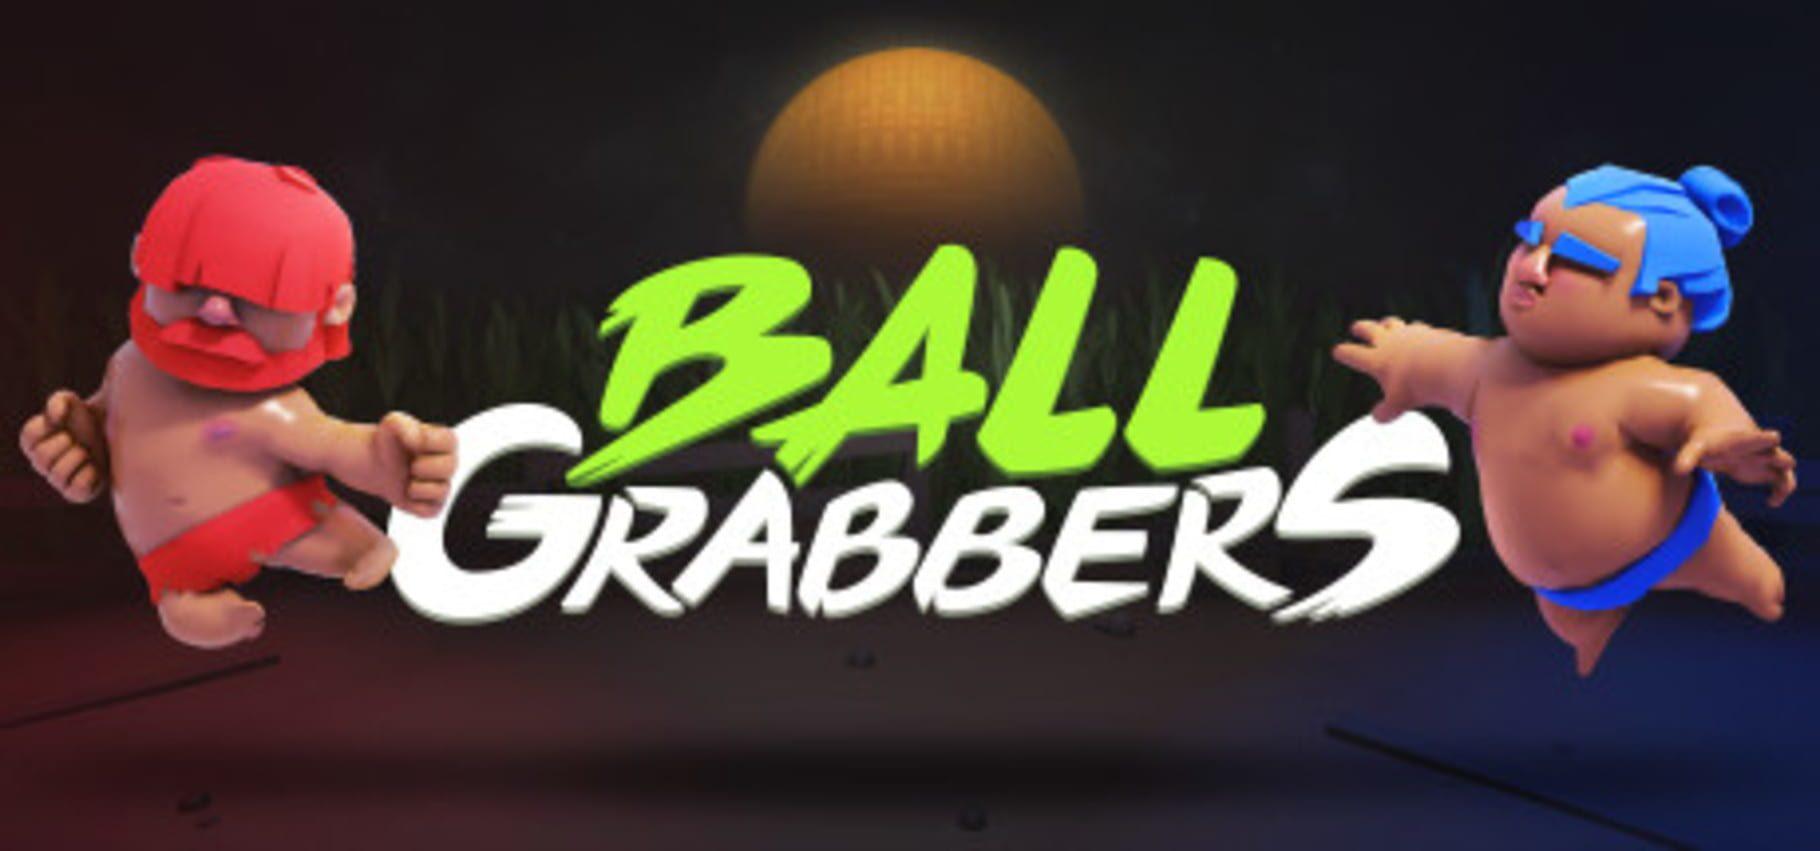 buy Ball Grabbers cd key for all platform